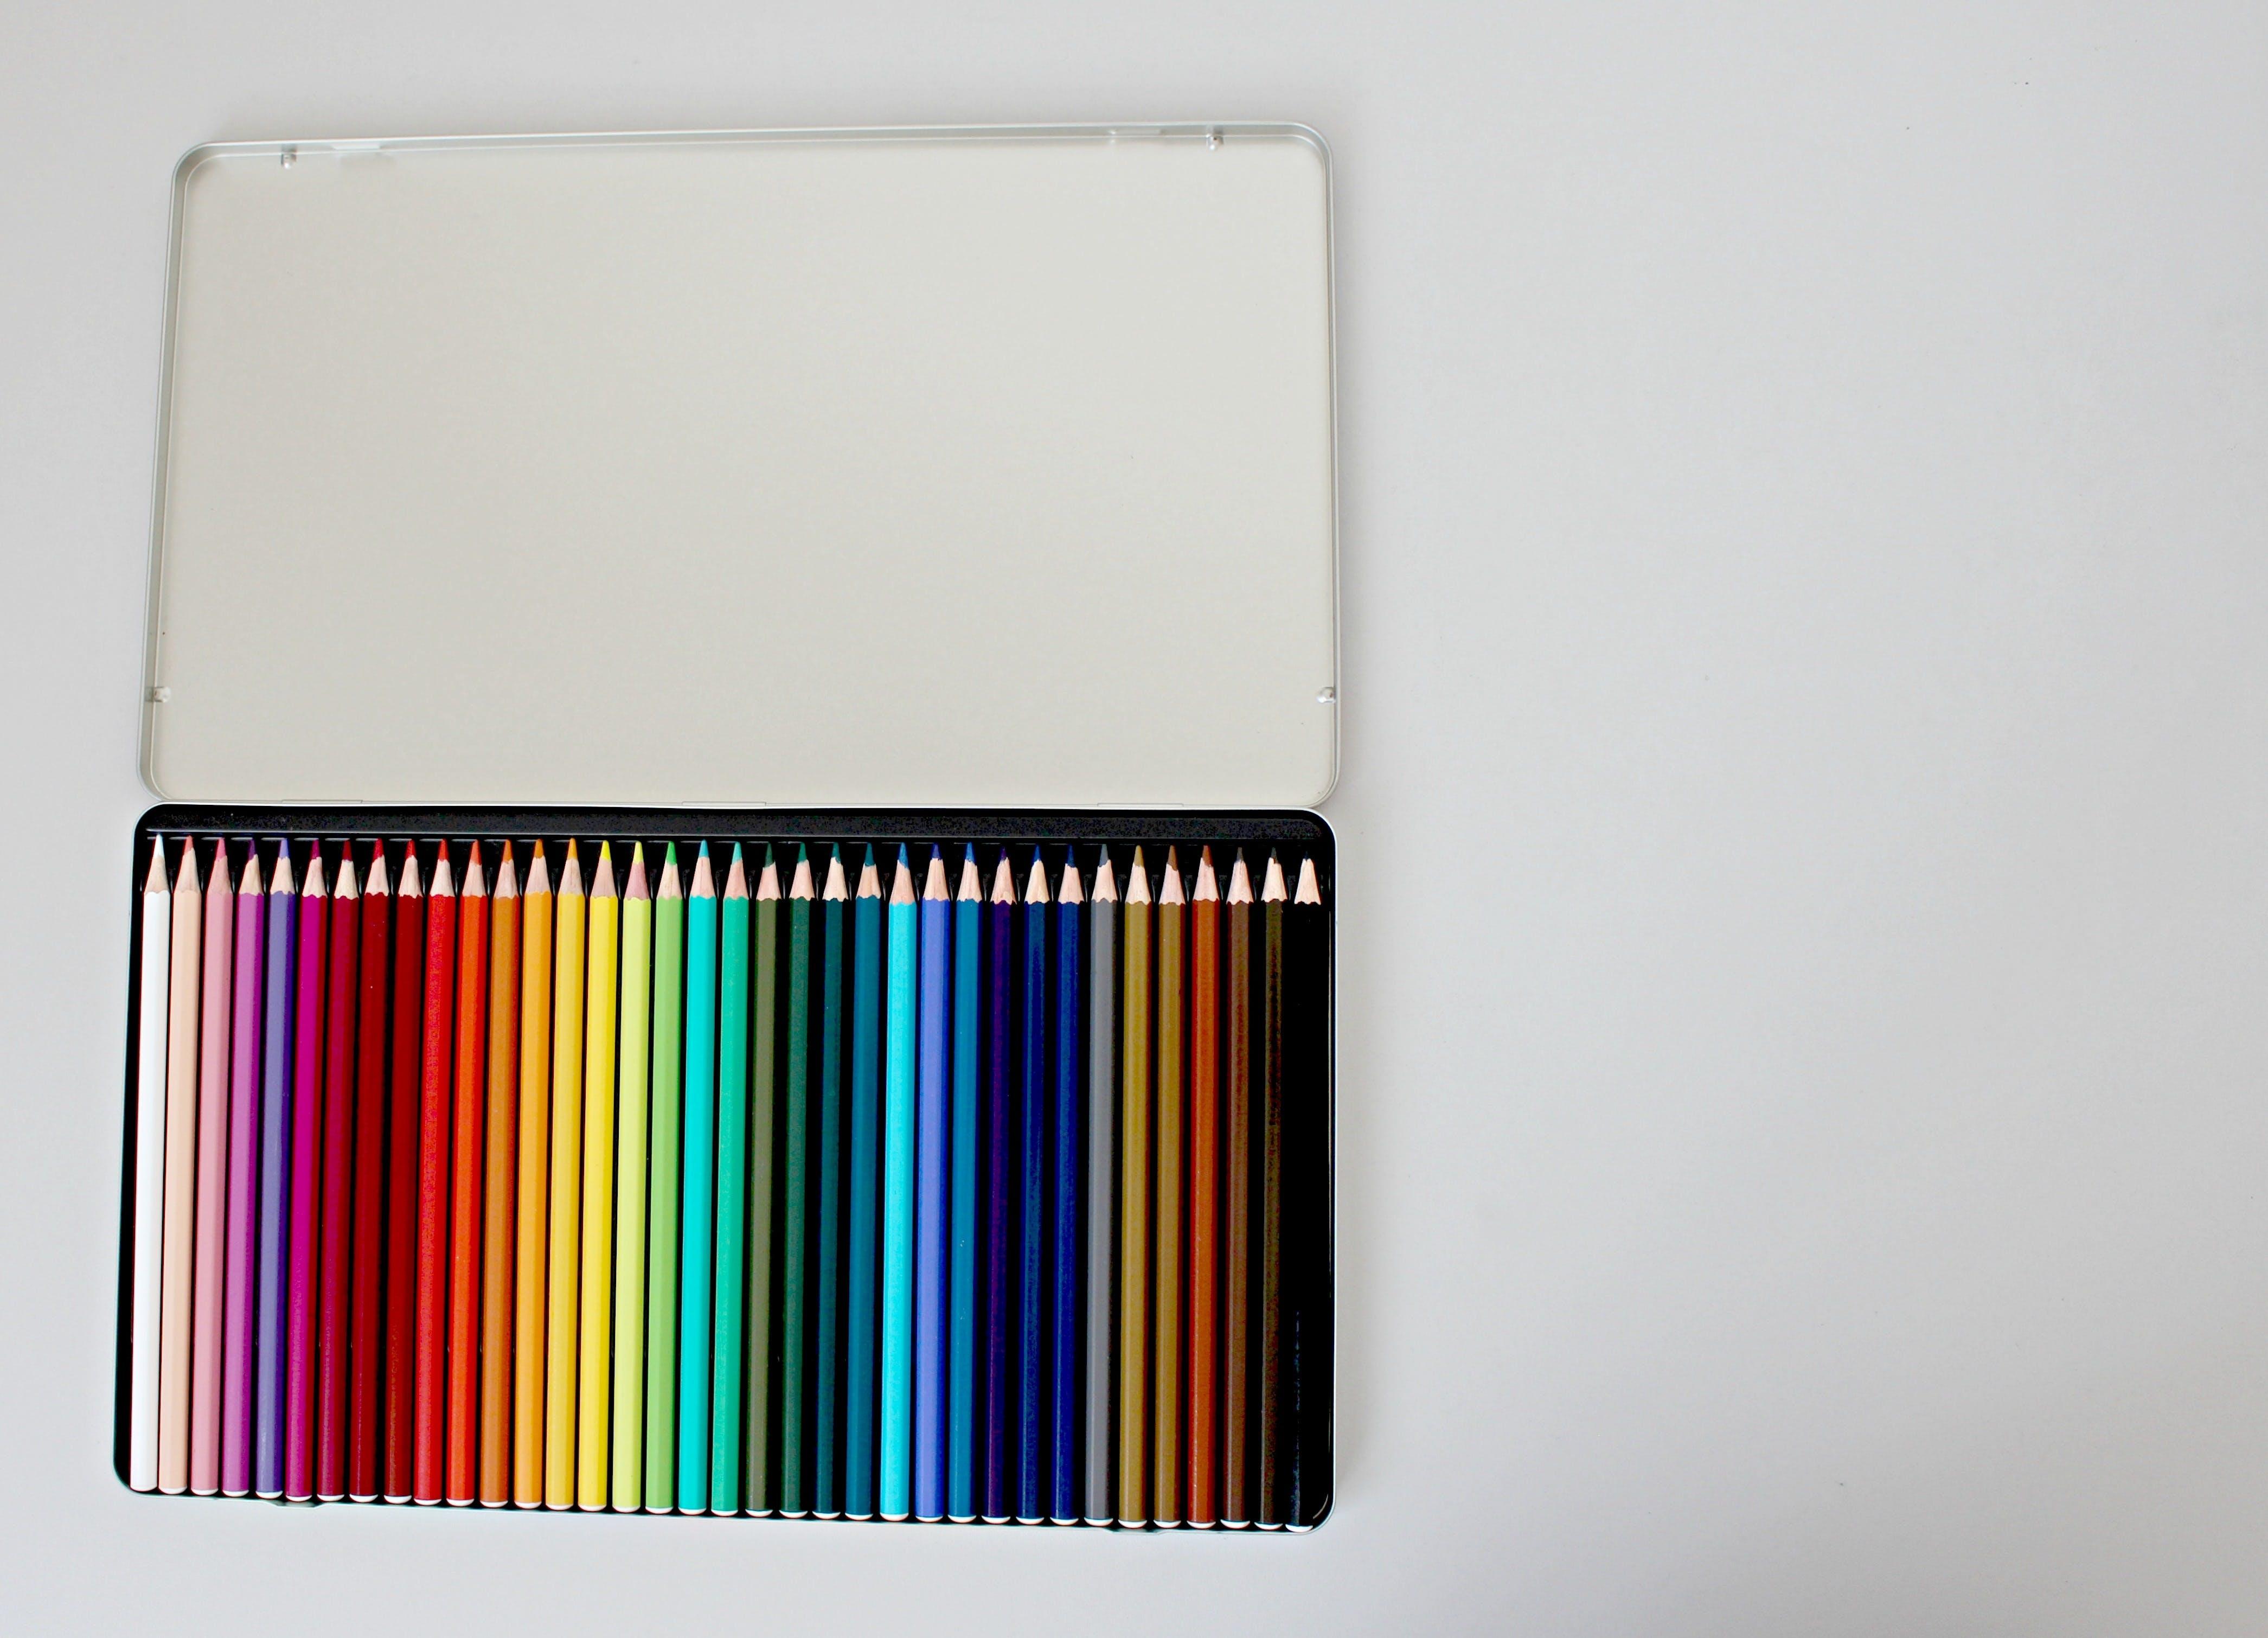 art, art materials, blank